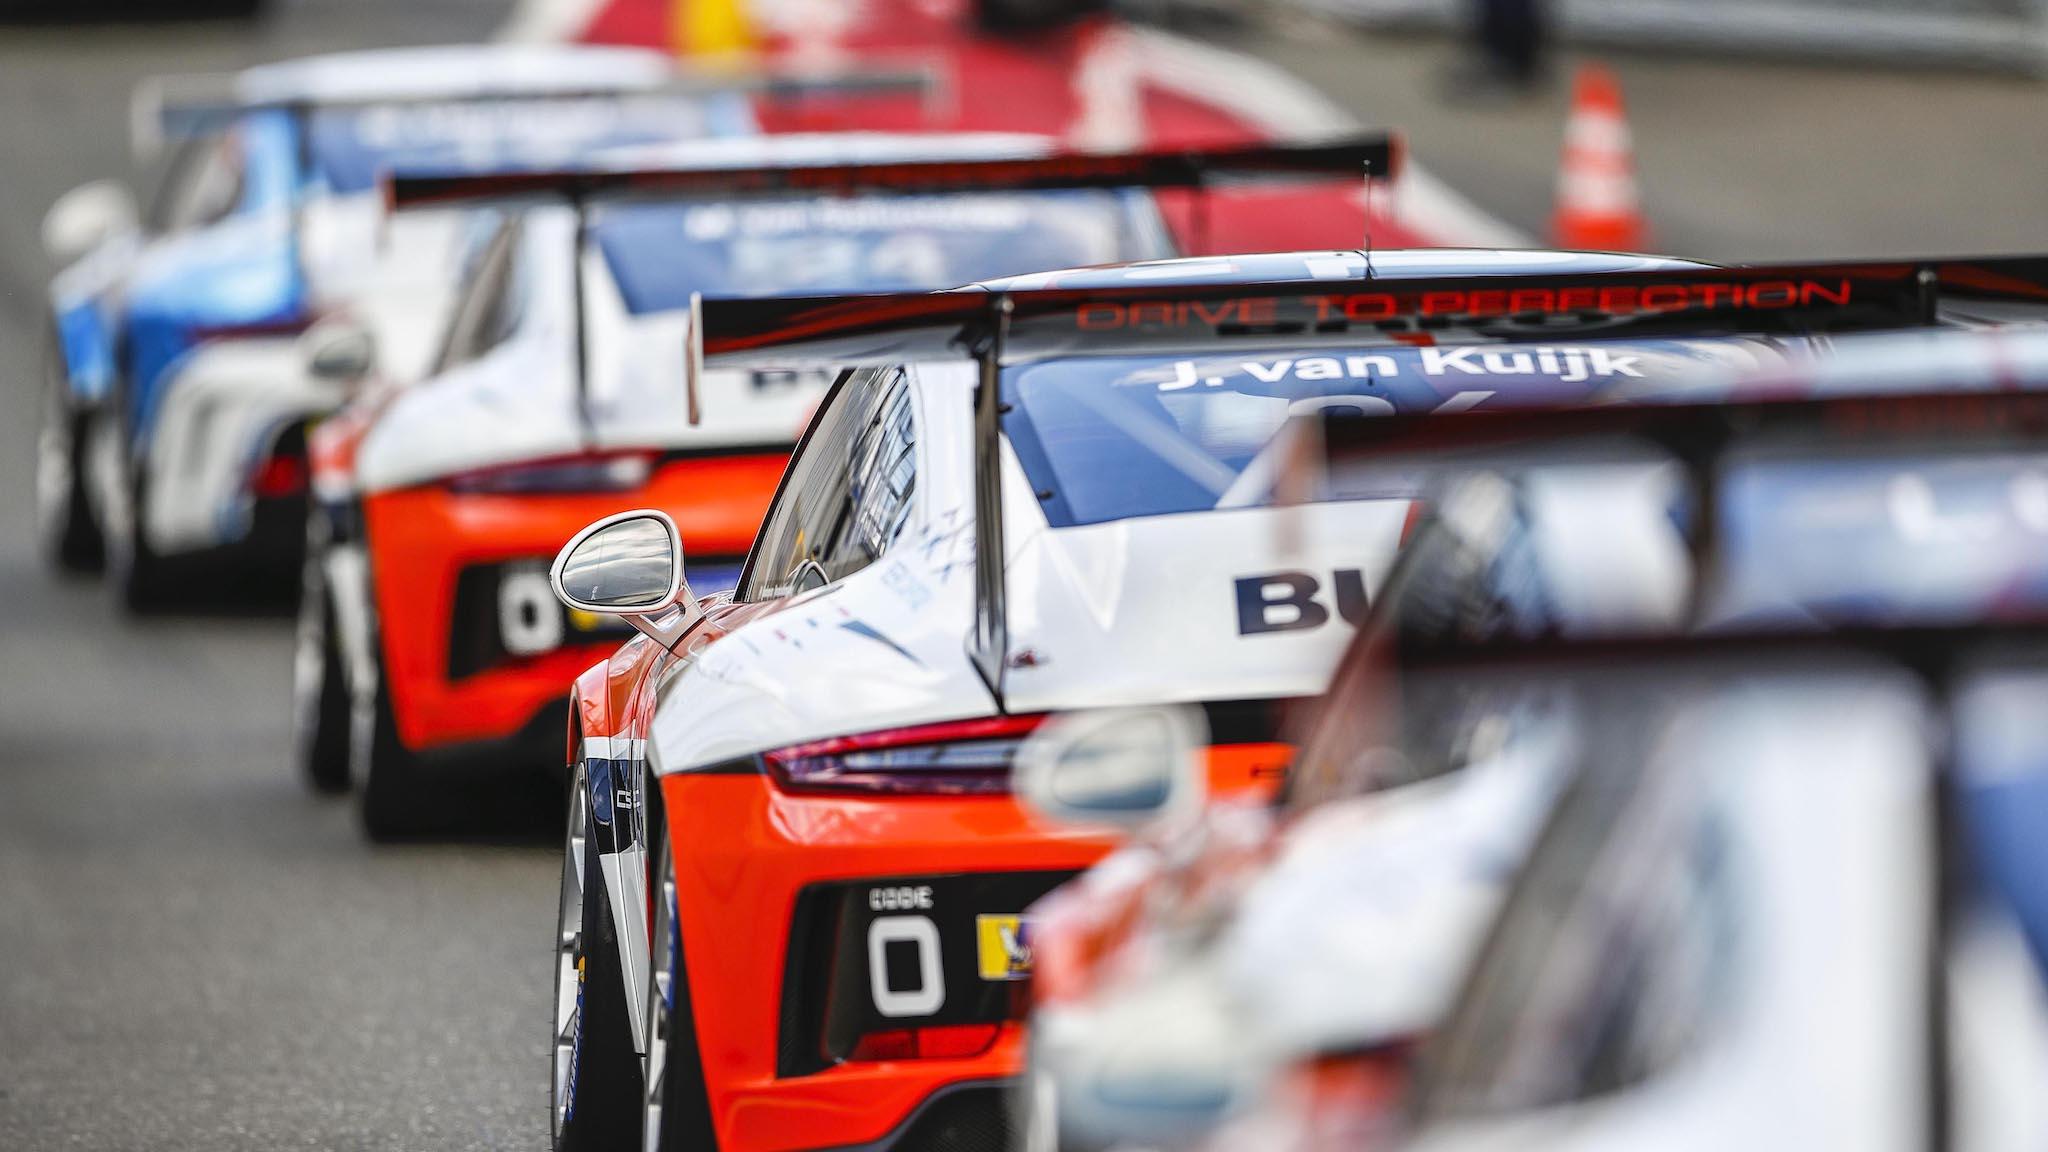 Porsche Mobil 1 Supercup 7 月 5 日回歸賽場,12 國車手同場角逐